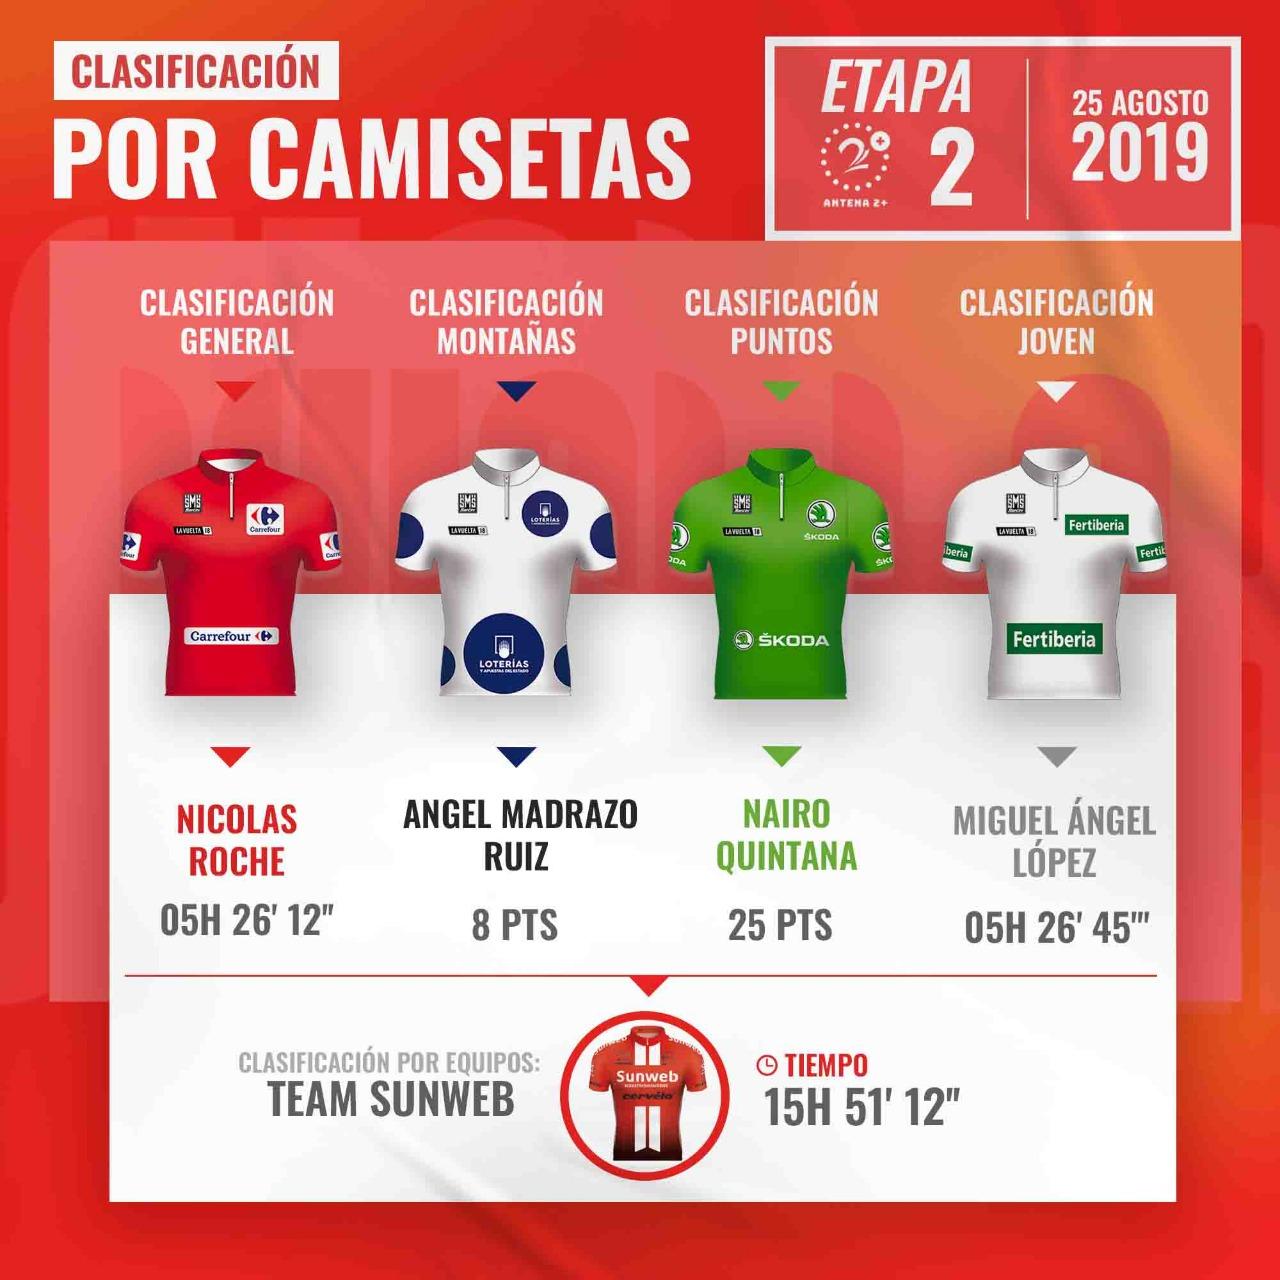 Clasificación de camisetas tras segunda etapa de la Vuelta a España